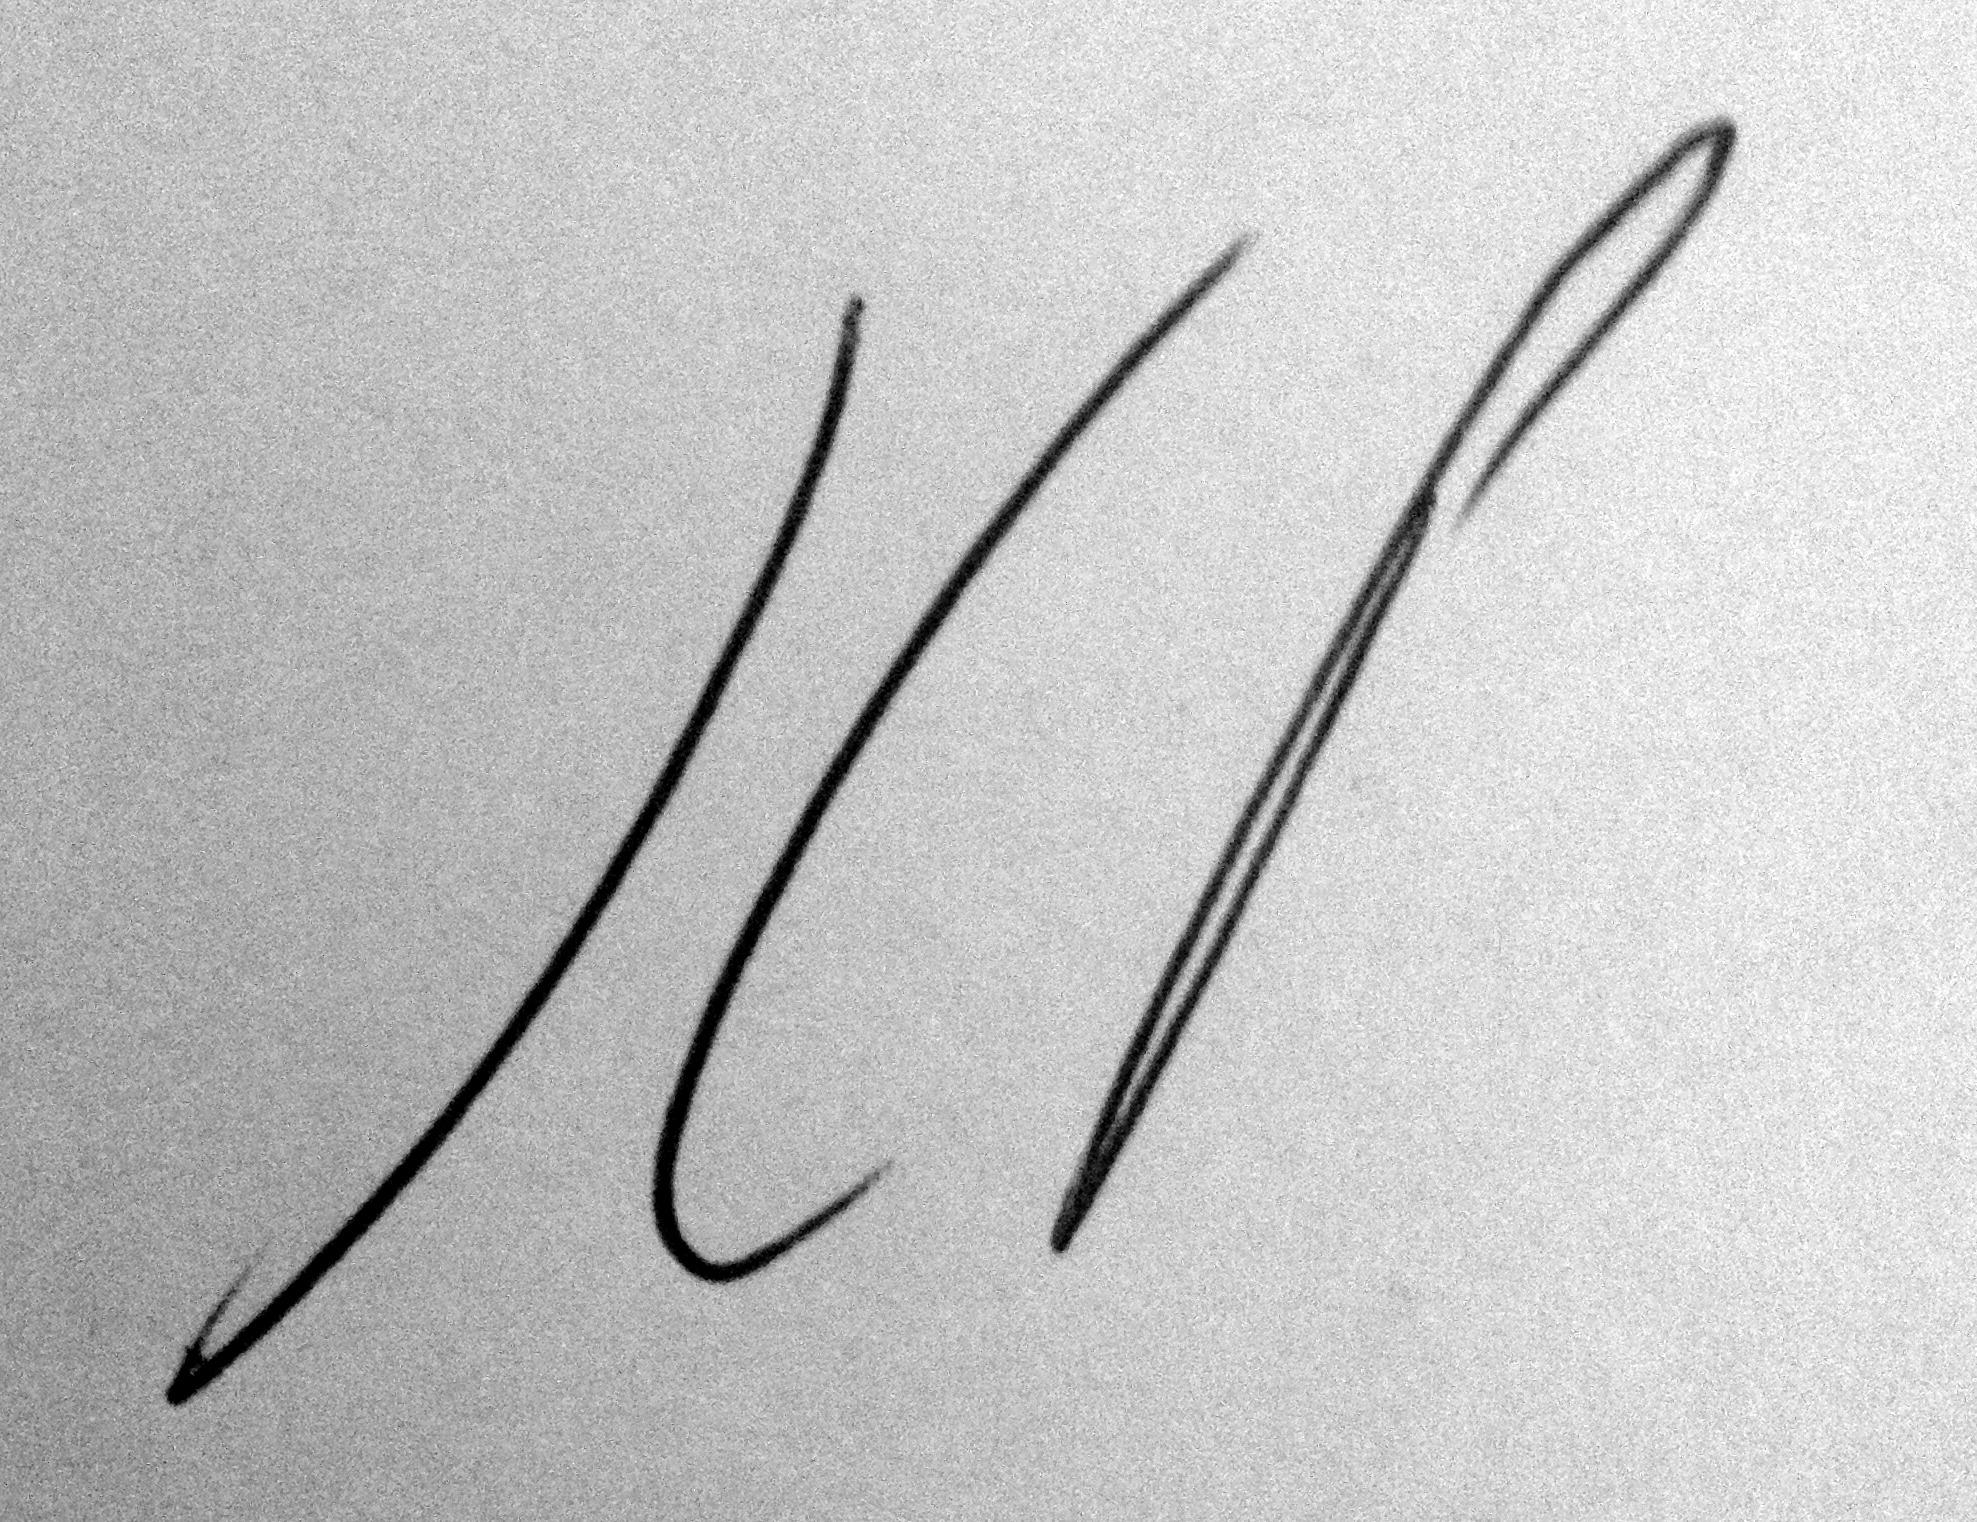 Jean-LUC PERRAULT's Signature